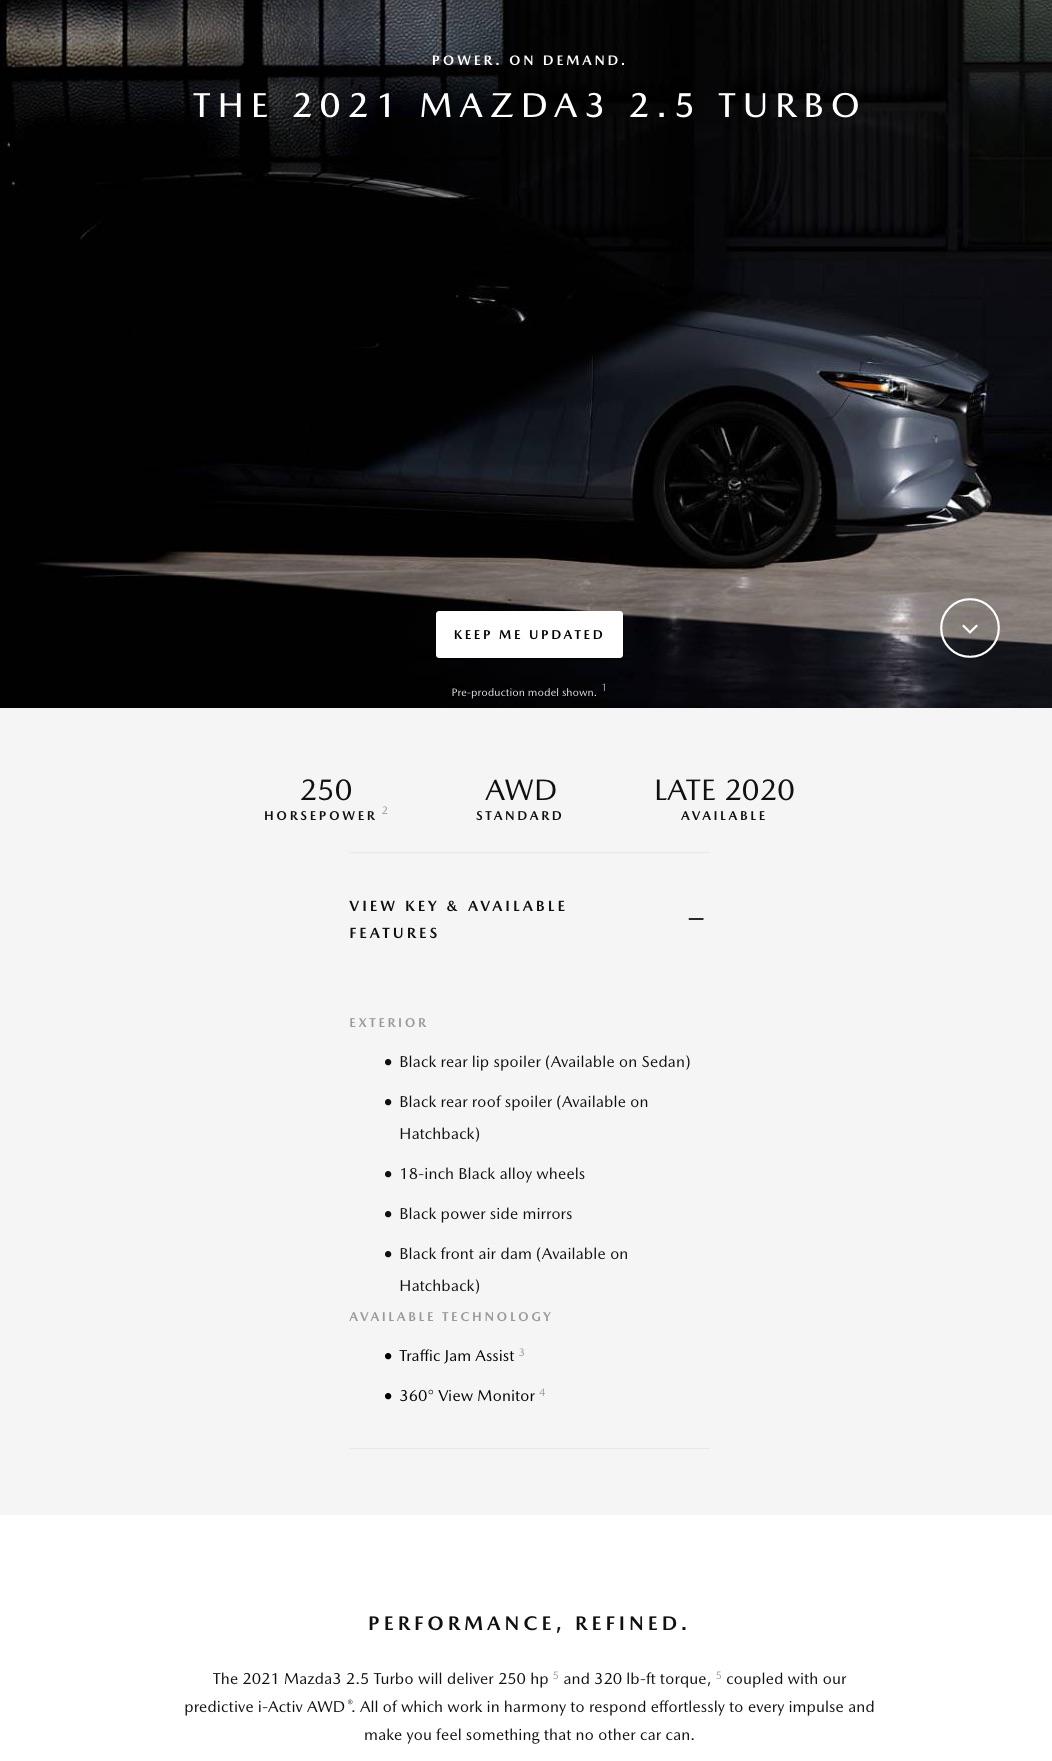 北米マツダも2021 Mazda3ターボモデルを発表